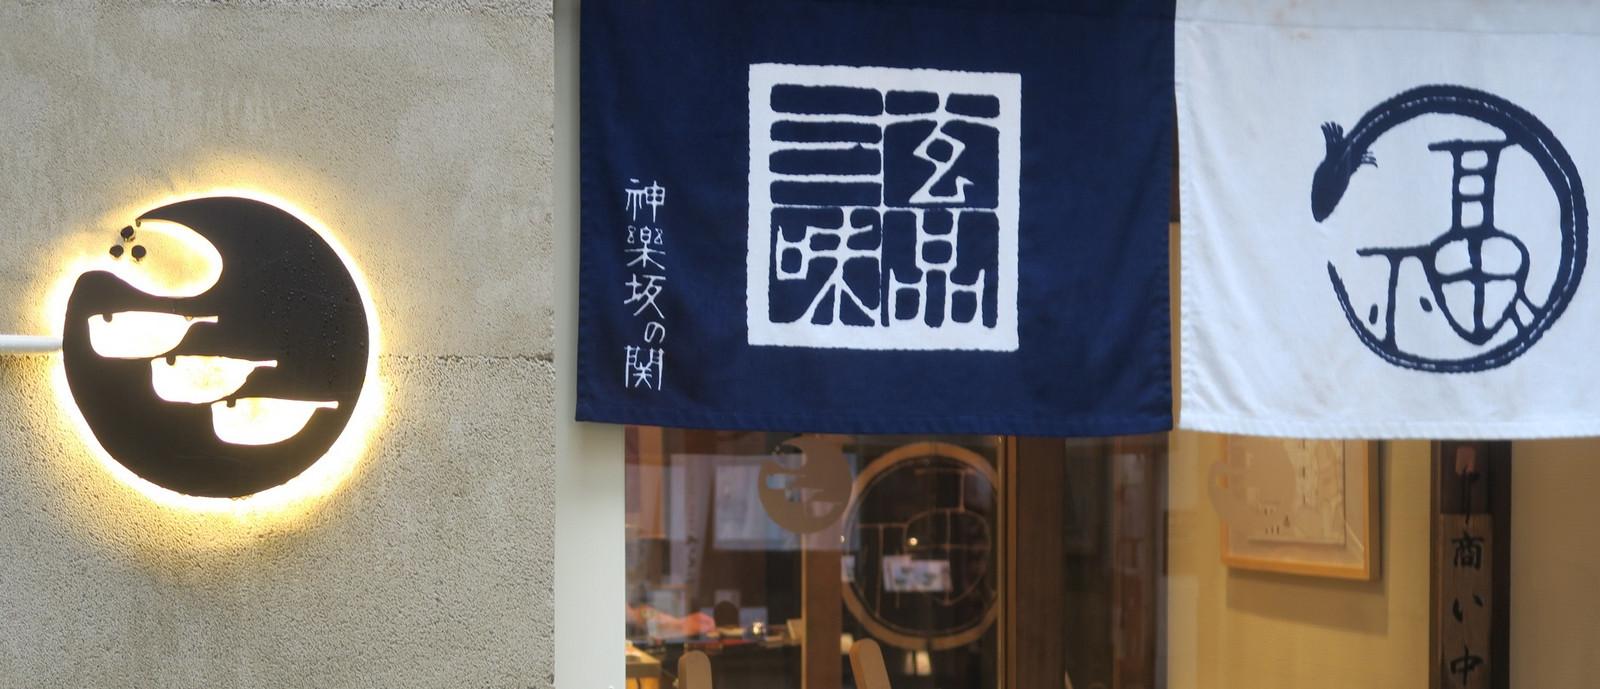 Oriental_piano_079